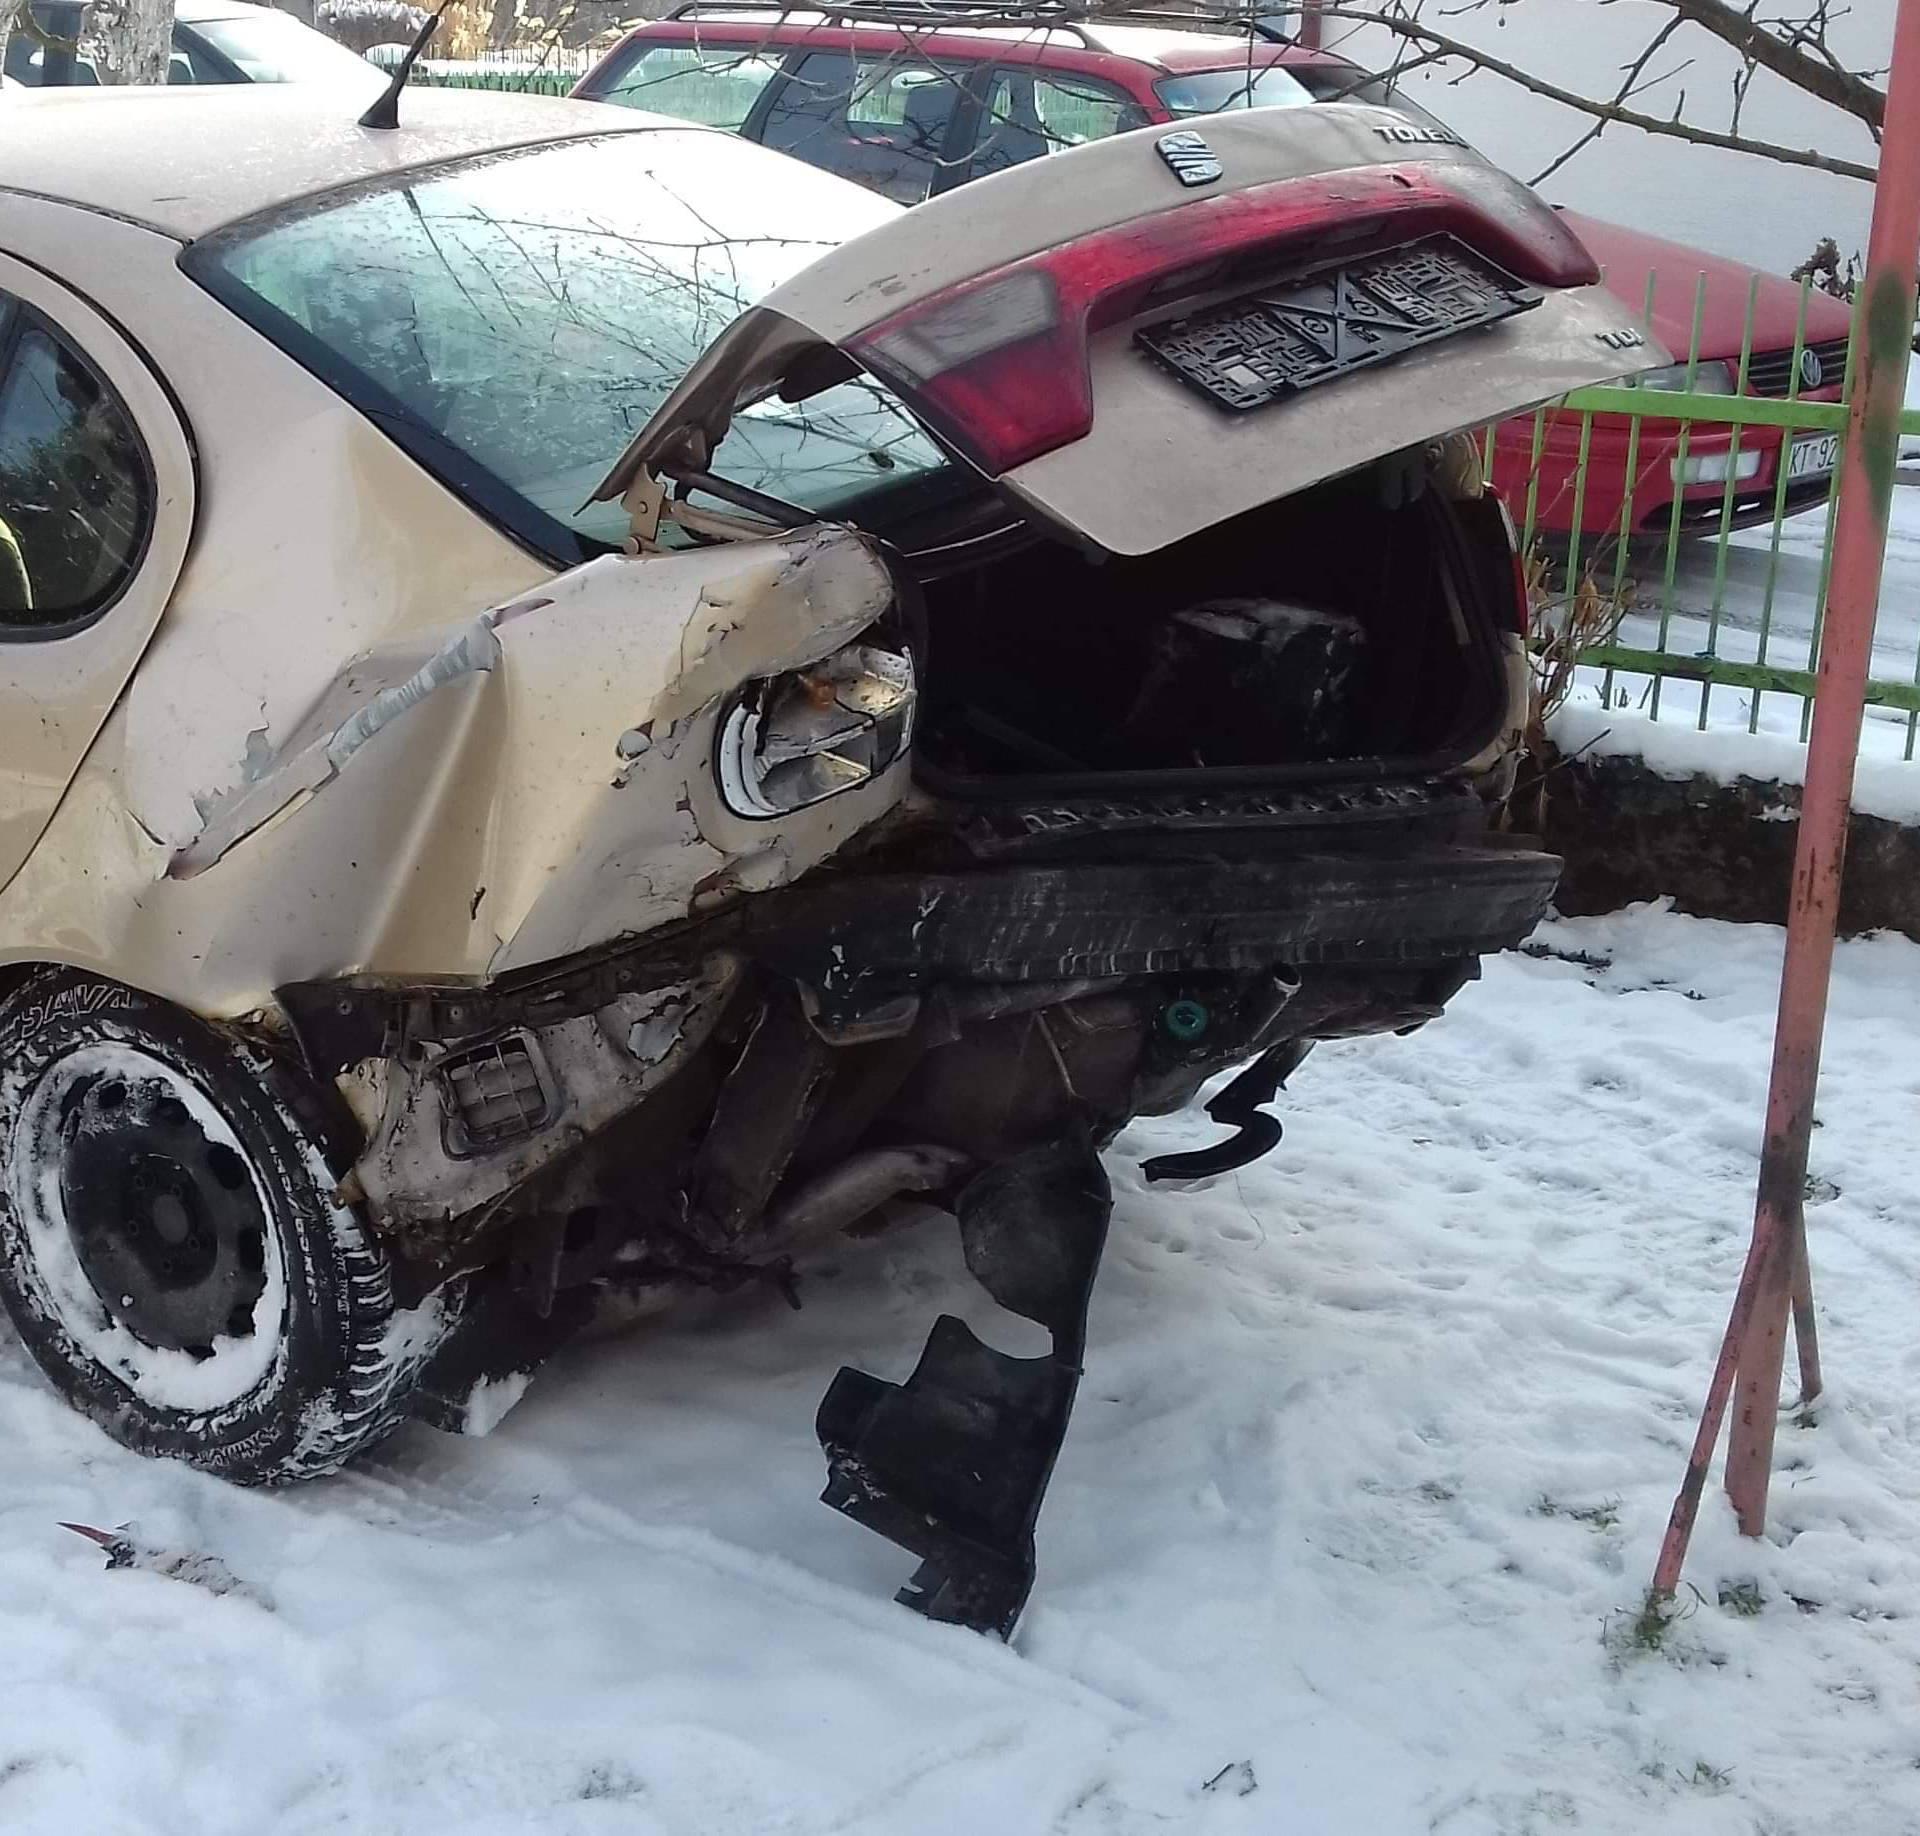 Pijan naletio na auto u kojem su bili roditelji, dijete i beba